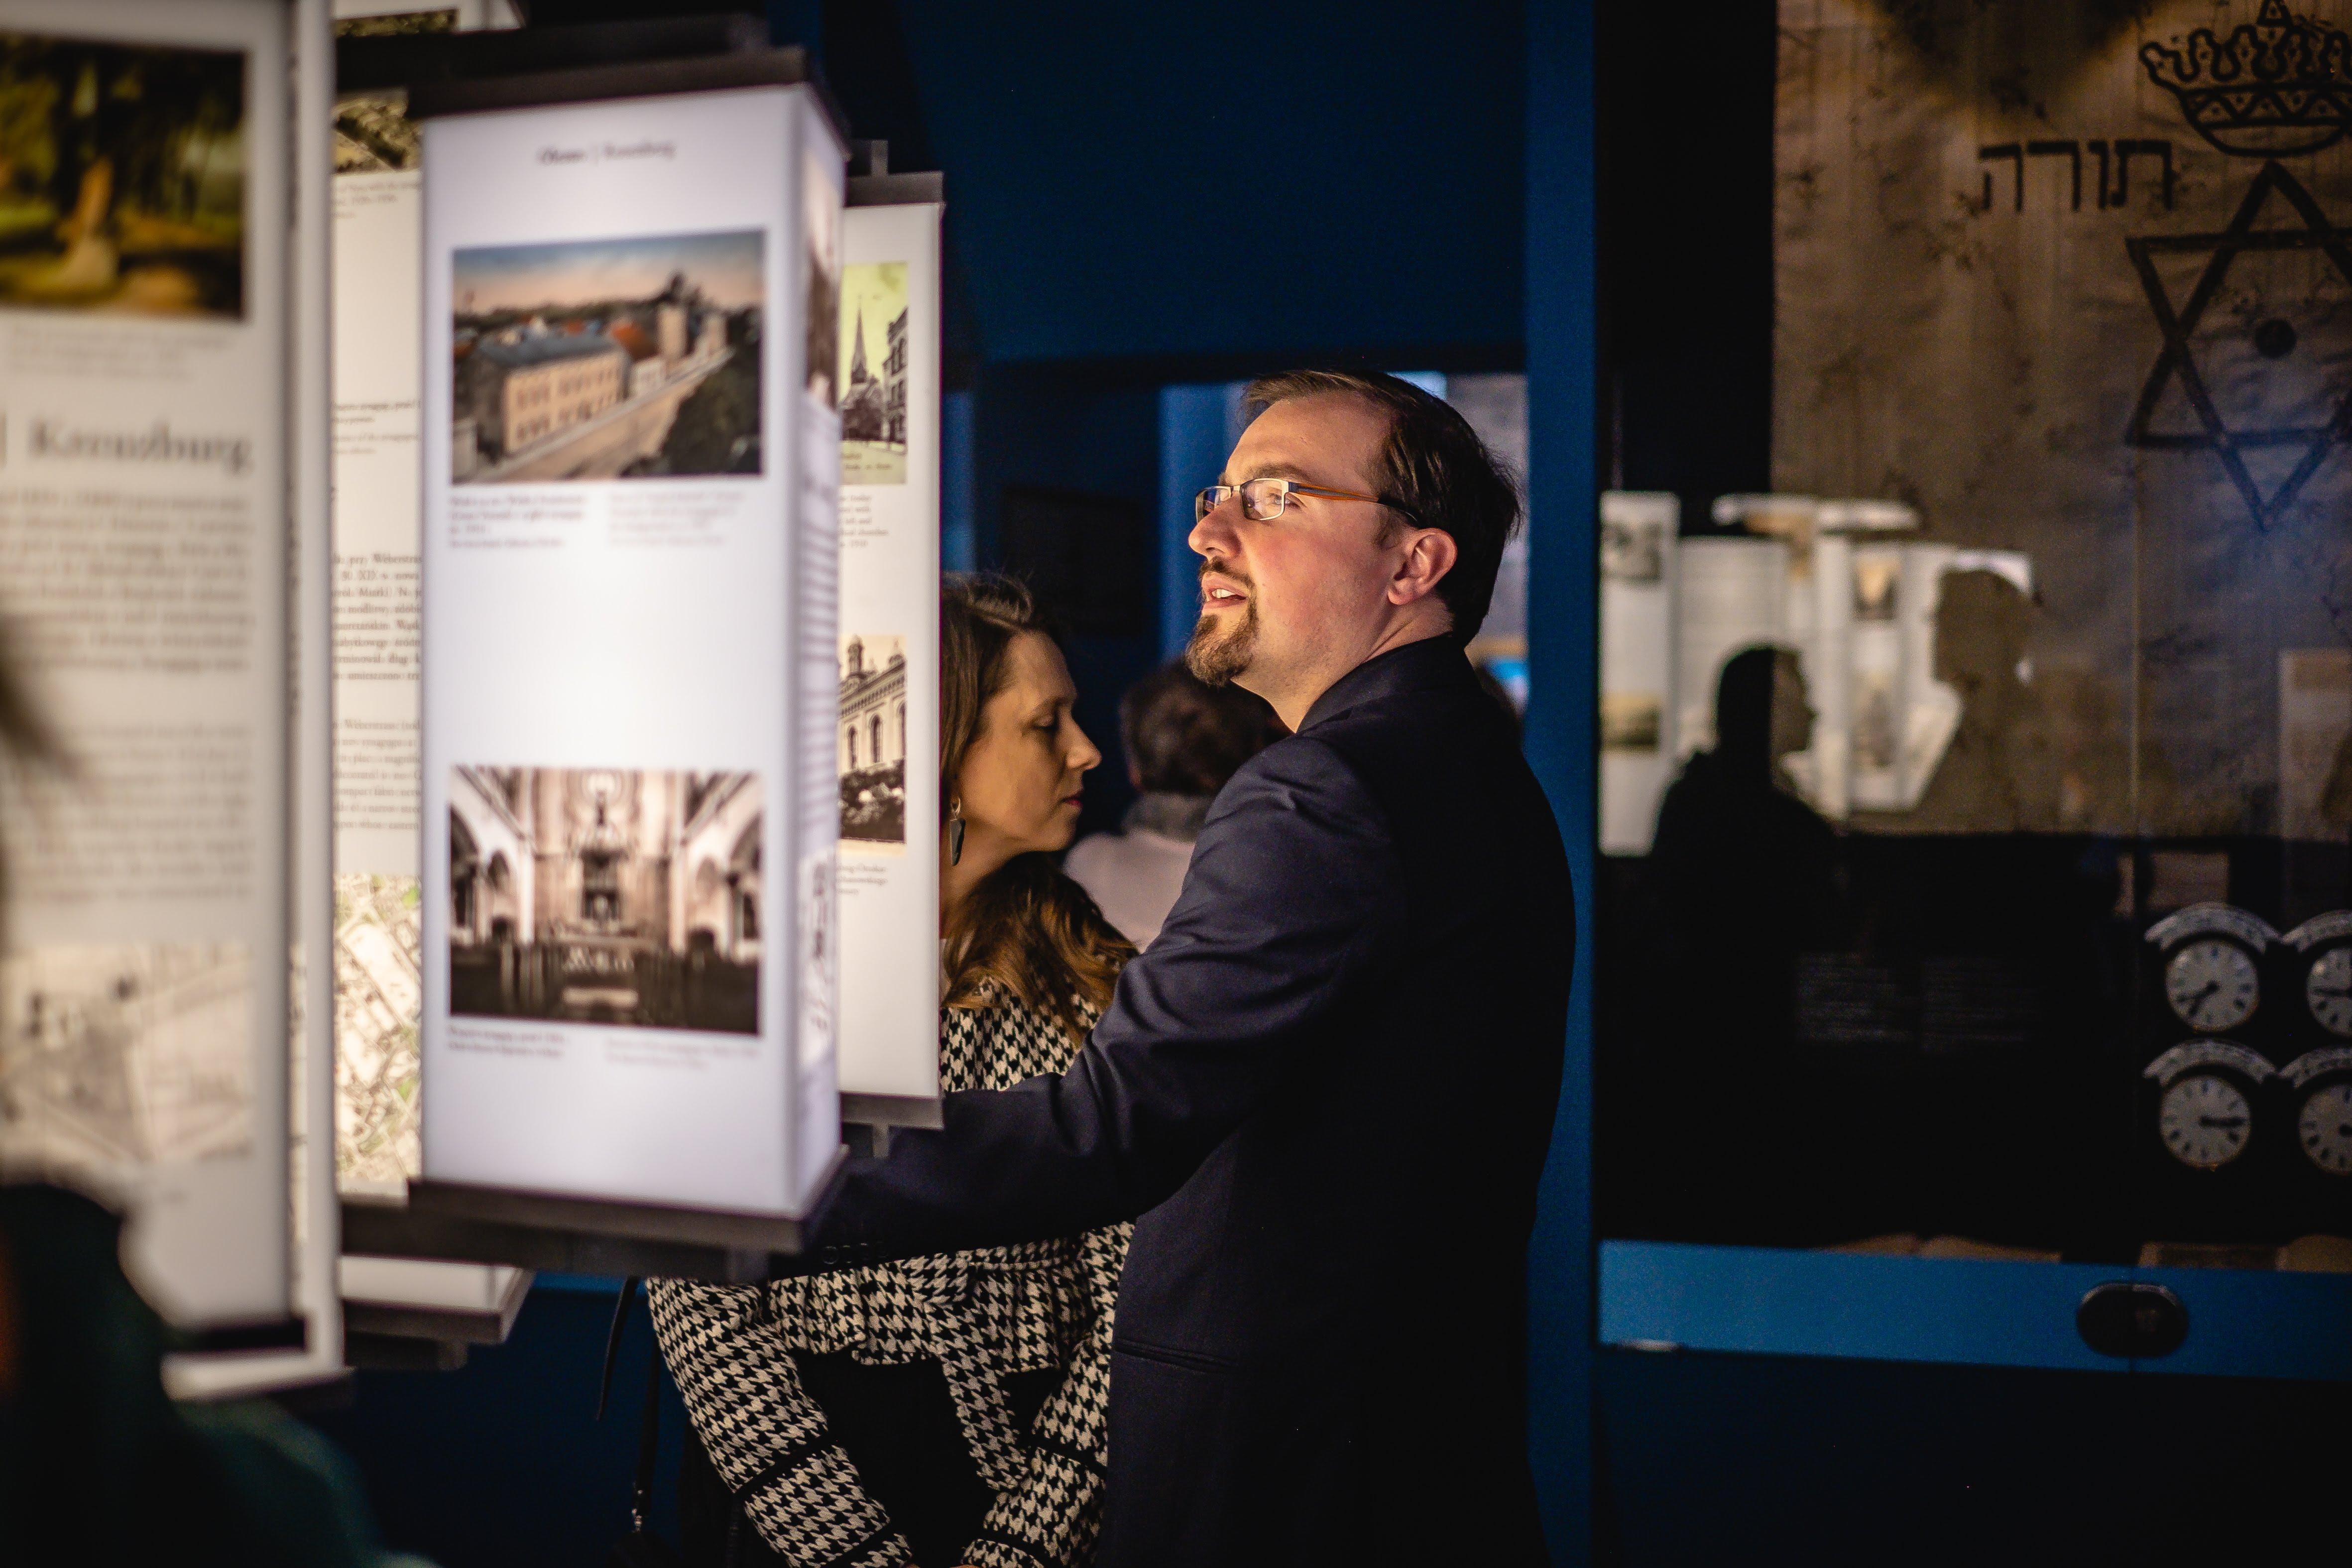 mężcyzzna oglądający ekspozycję w Domu Pamięci